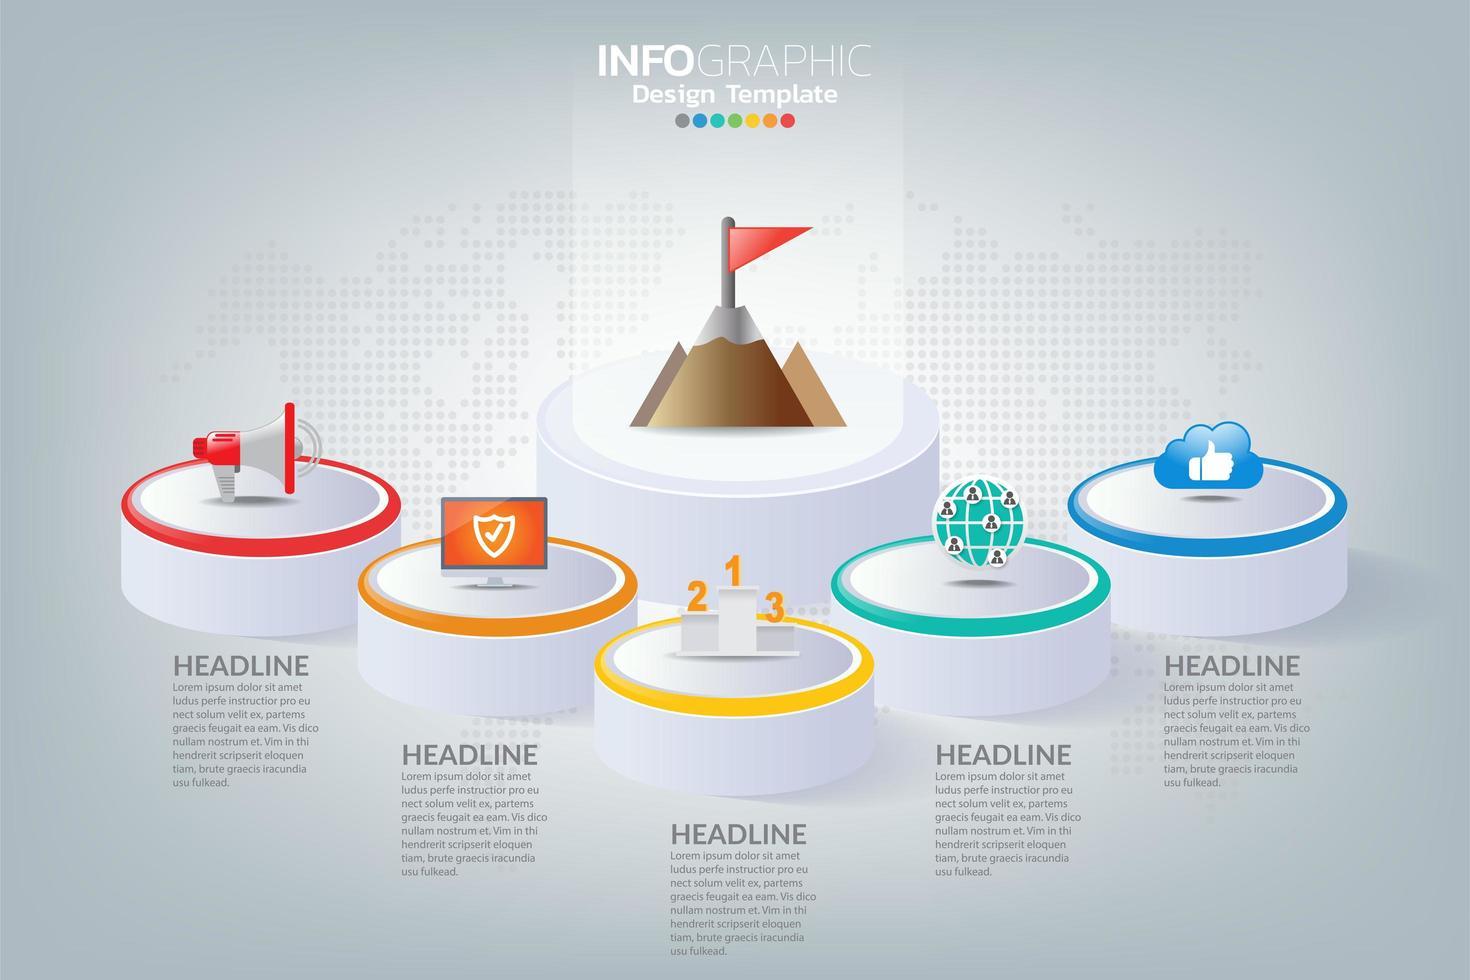 Business Infografik Timeline, wie man mit Optionen und Symbolen zum Erfolg führt. vektor